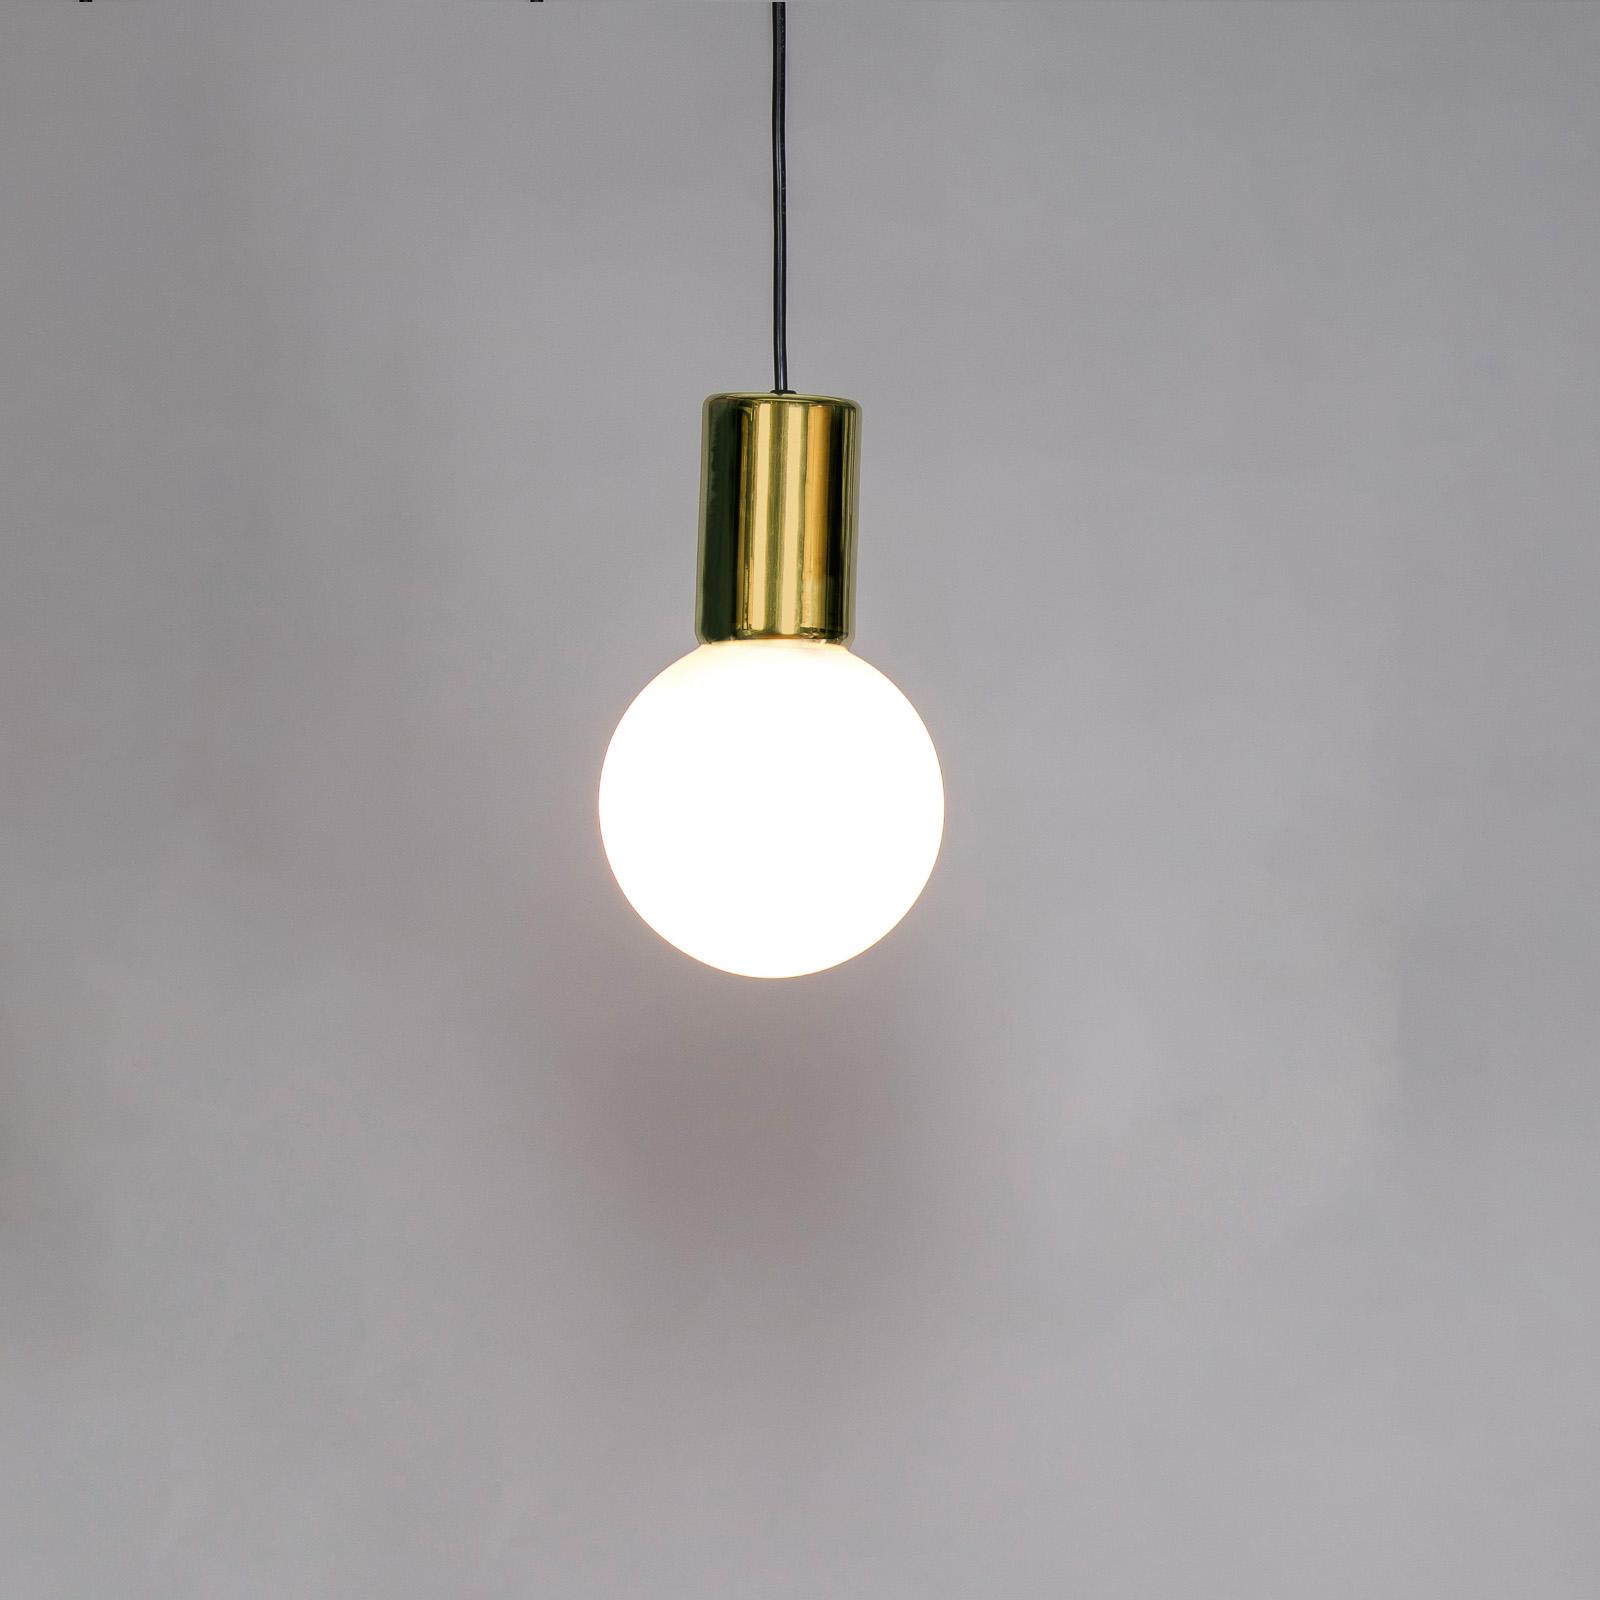 Innermost Purl LED-Hängeleuchte, messing